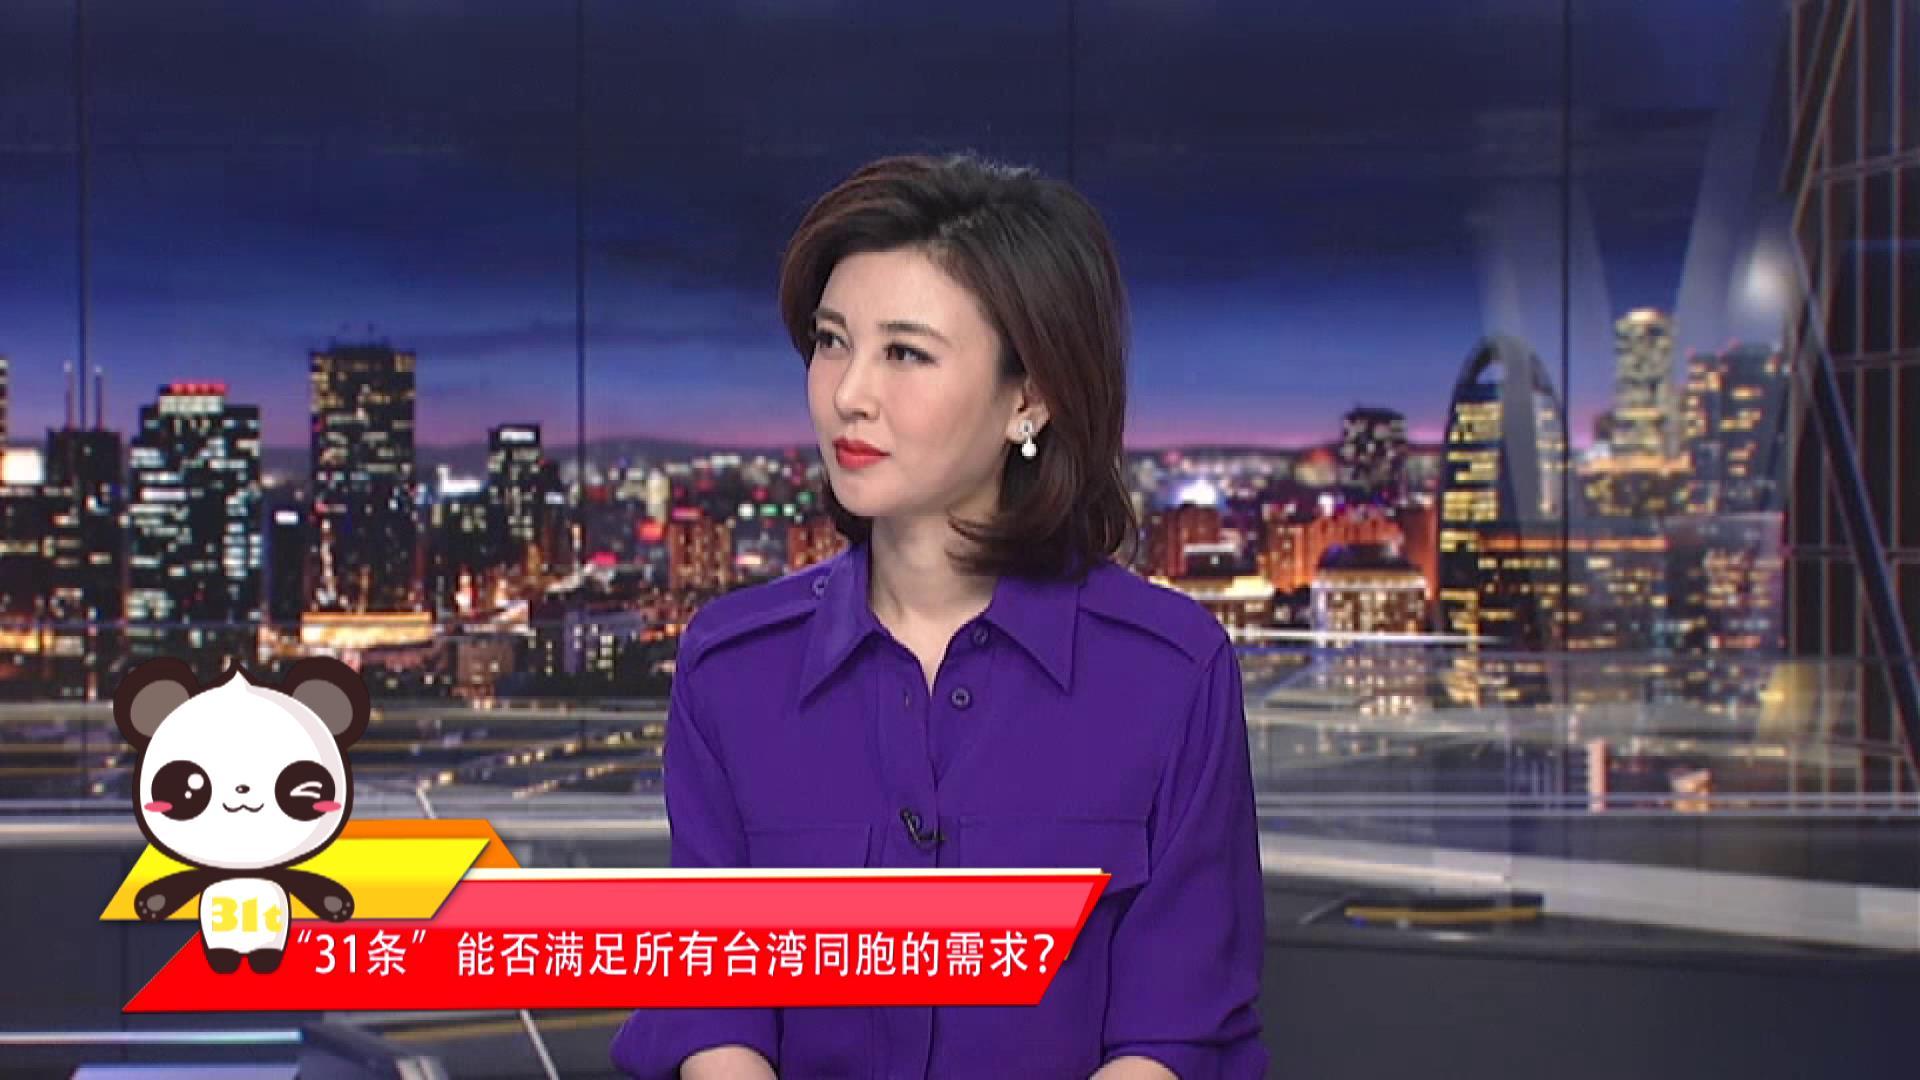 """【融融来了】""""31条""""能否满足所有台湾同胞的需求?图片"""